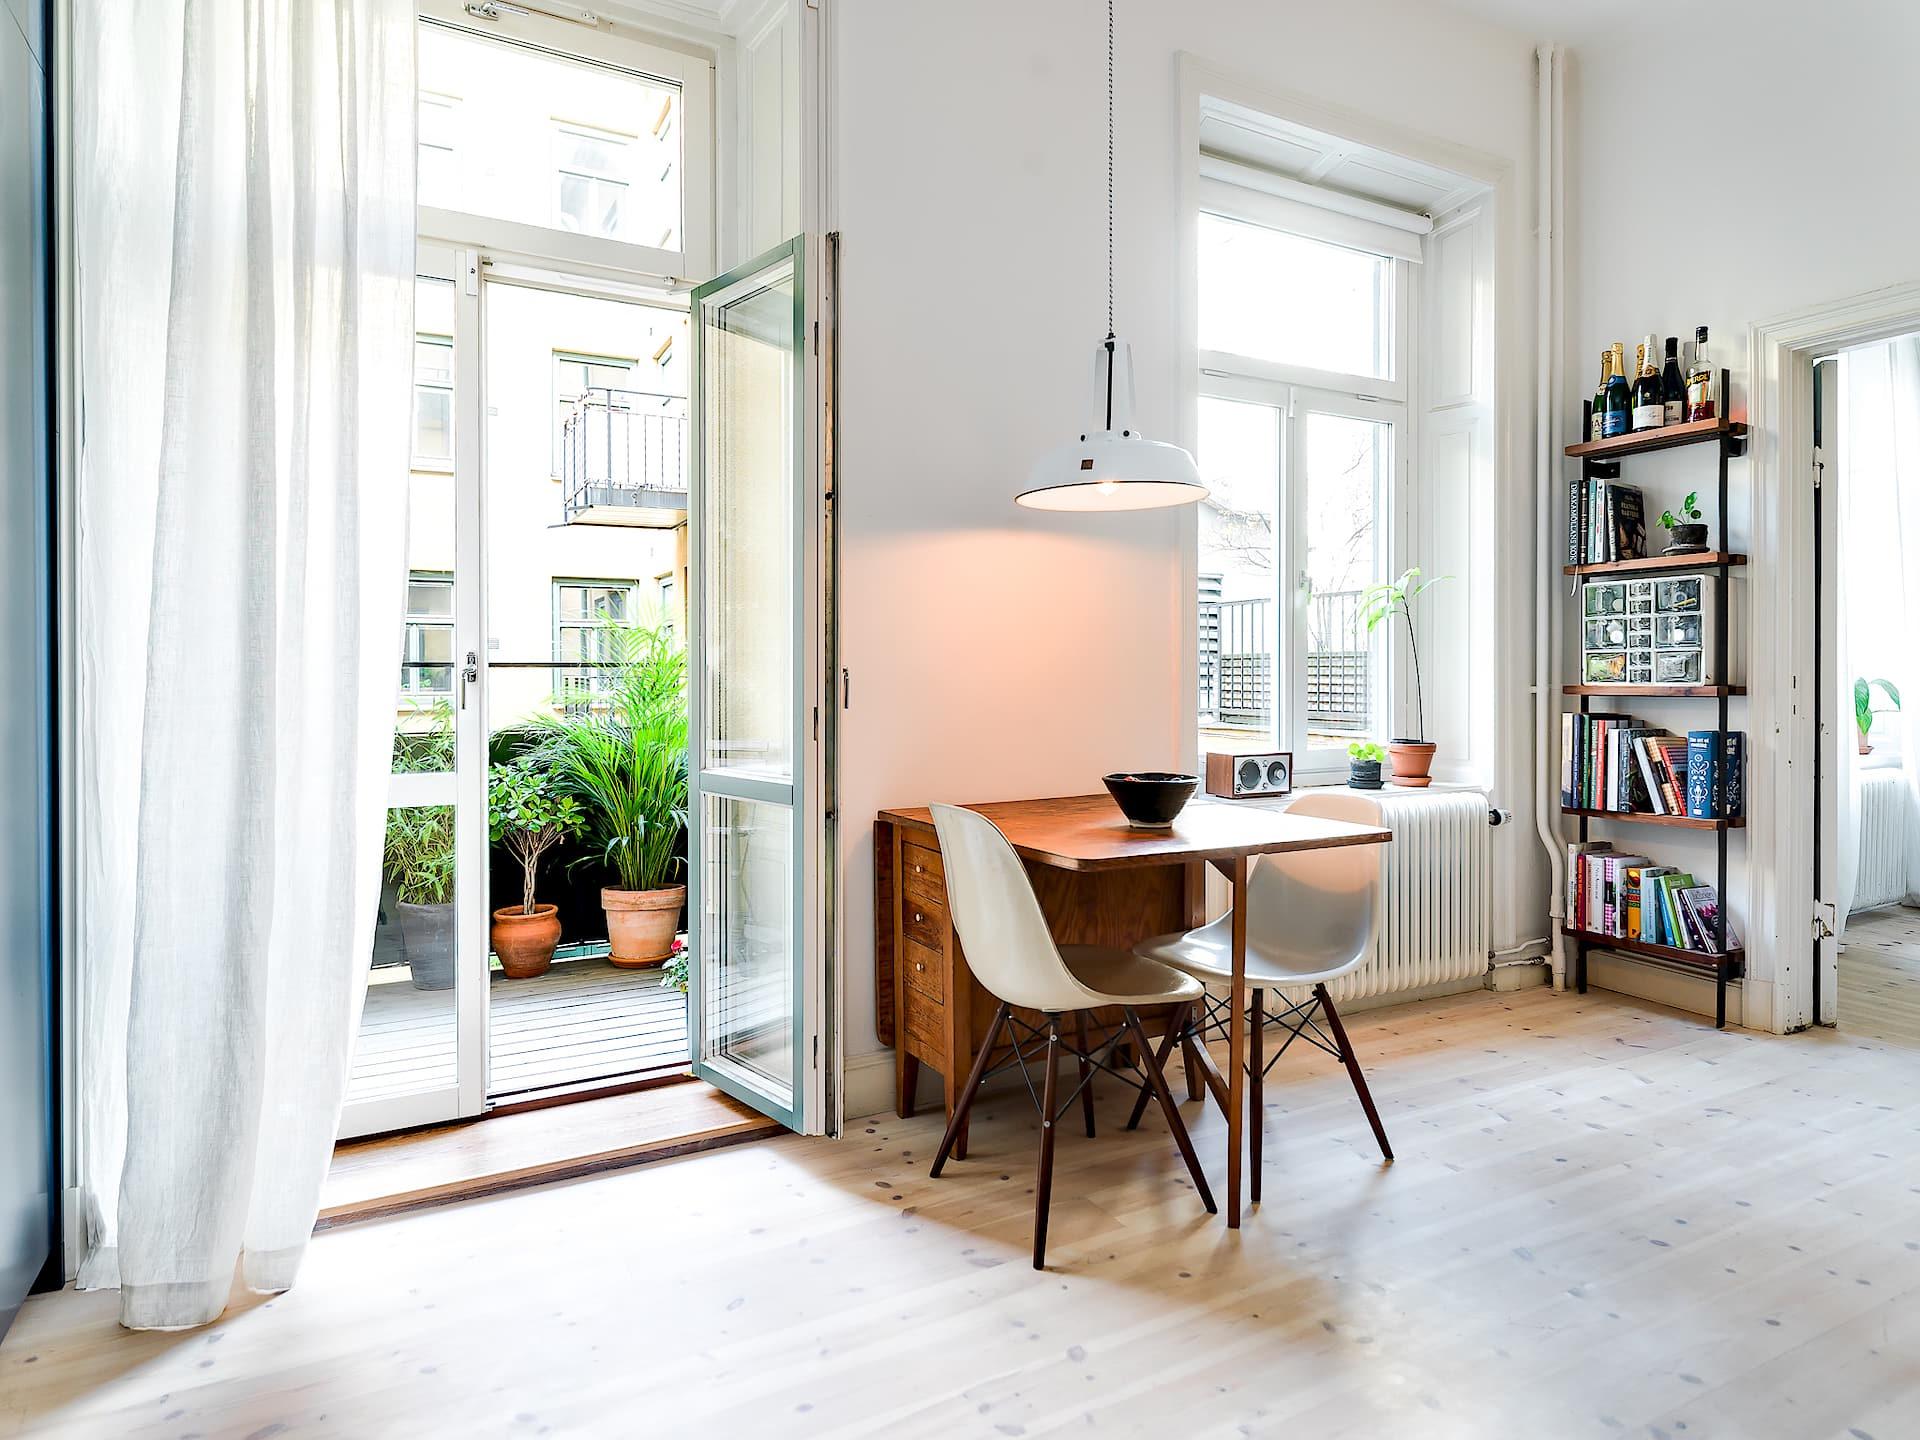 кухня столик стеклянная дверь балкон